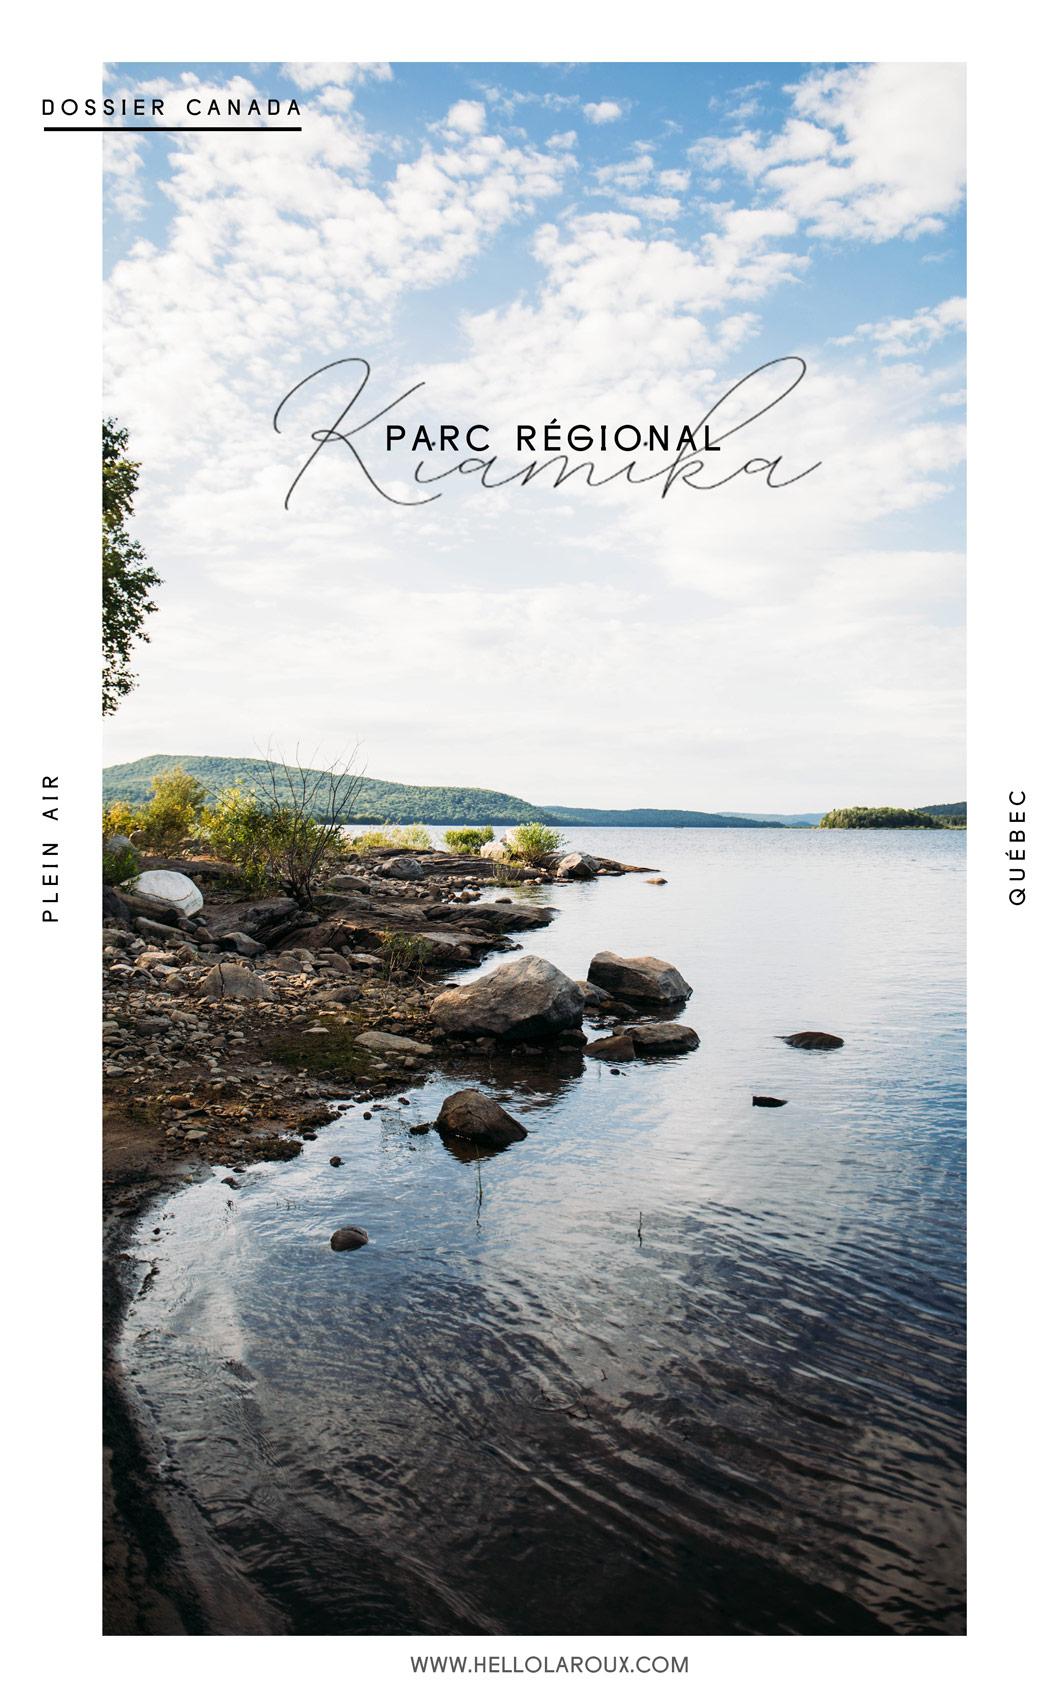 voir le parc régional kiamika au Québec